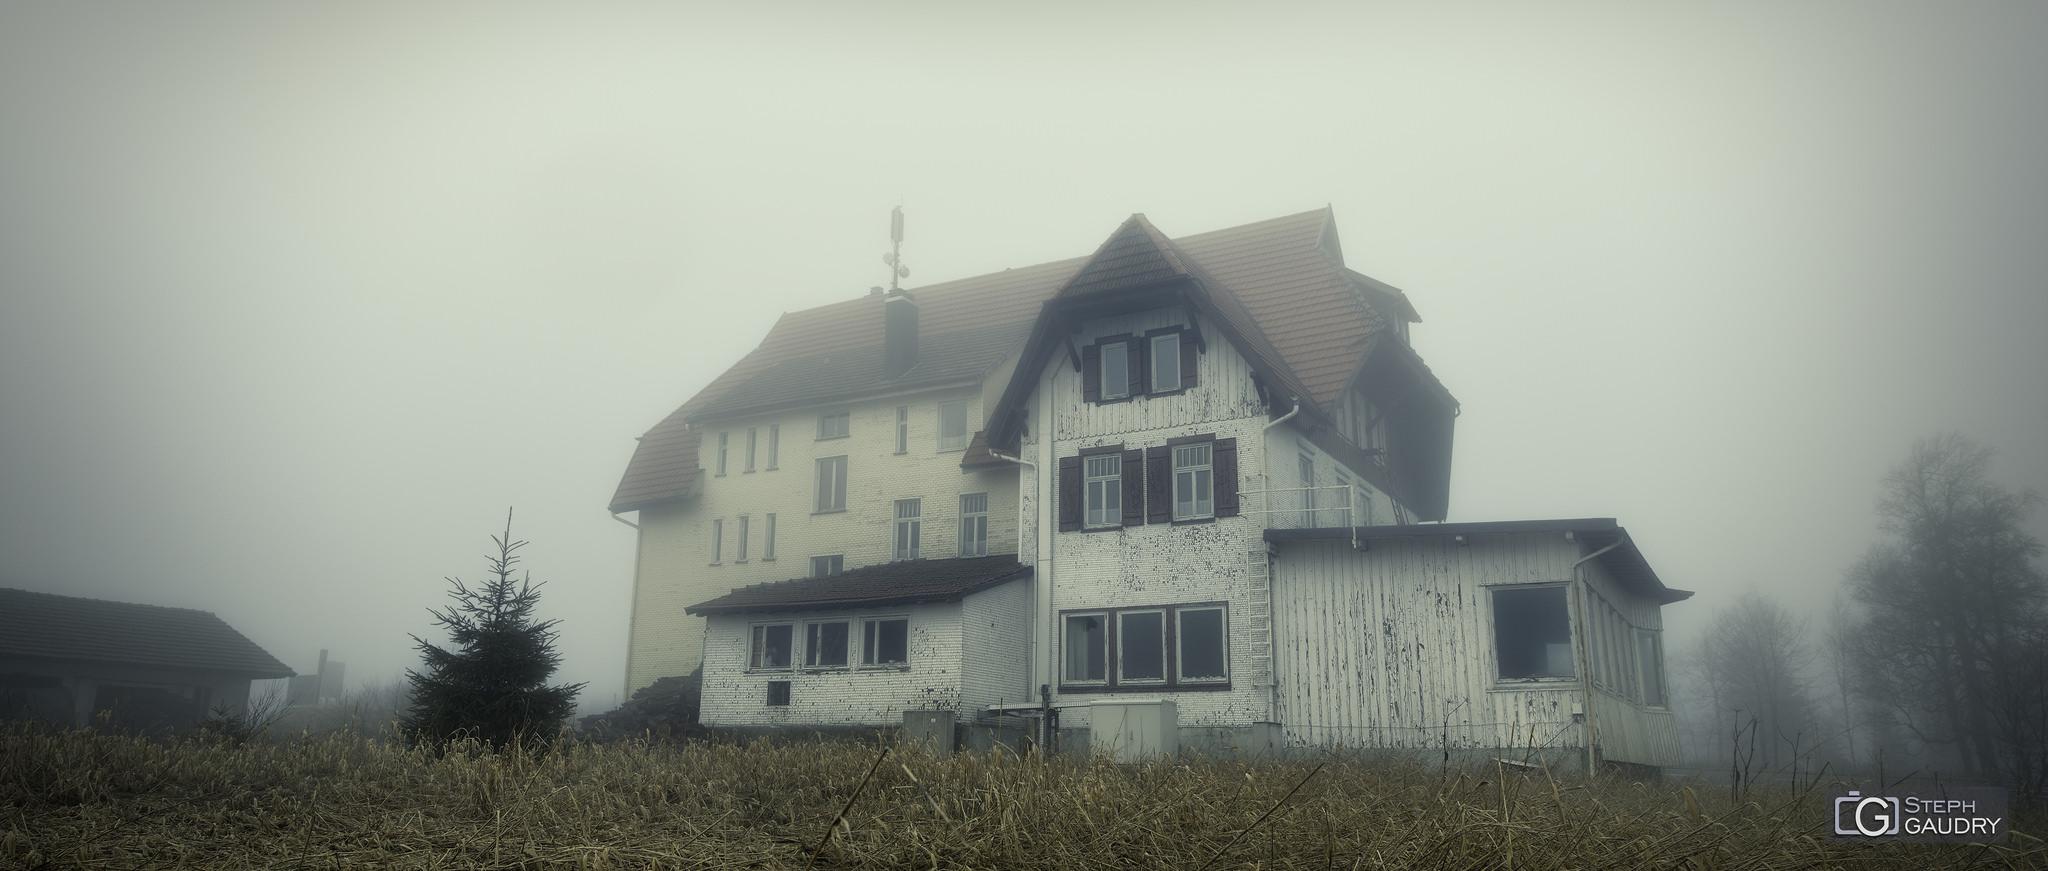 Haunted house in the mist [Cliquez pour lancer le diaporama]